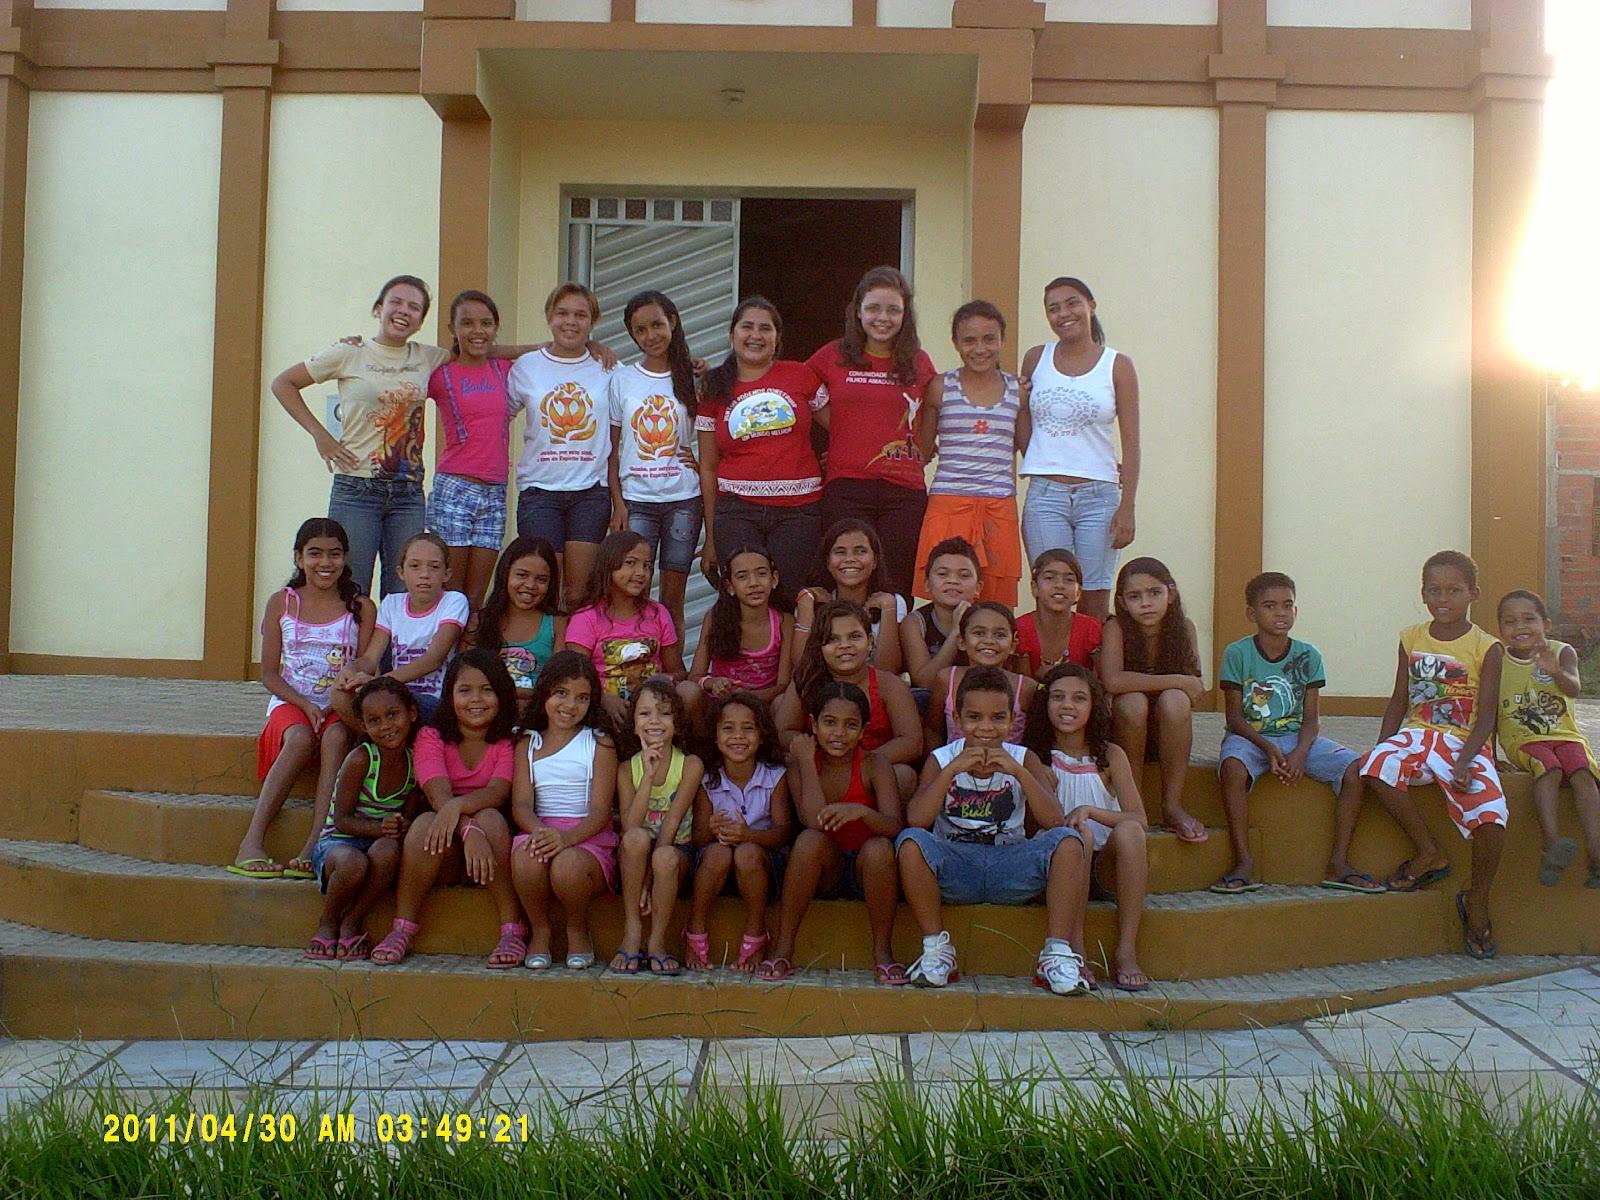 Viajes para grupos y viajes de estudiantes - Viajes el